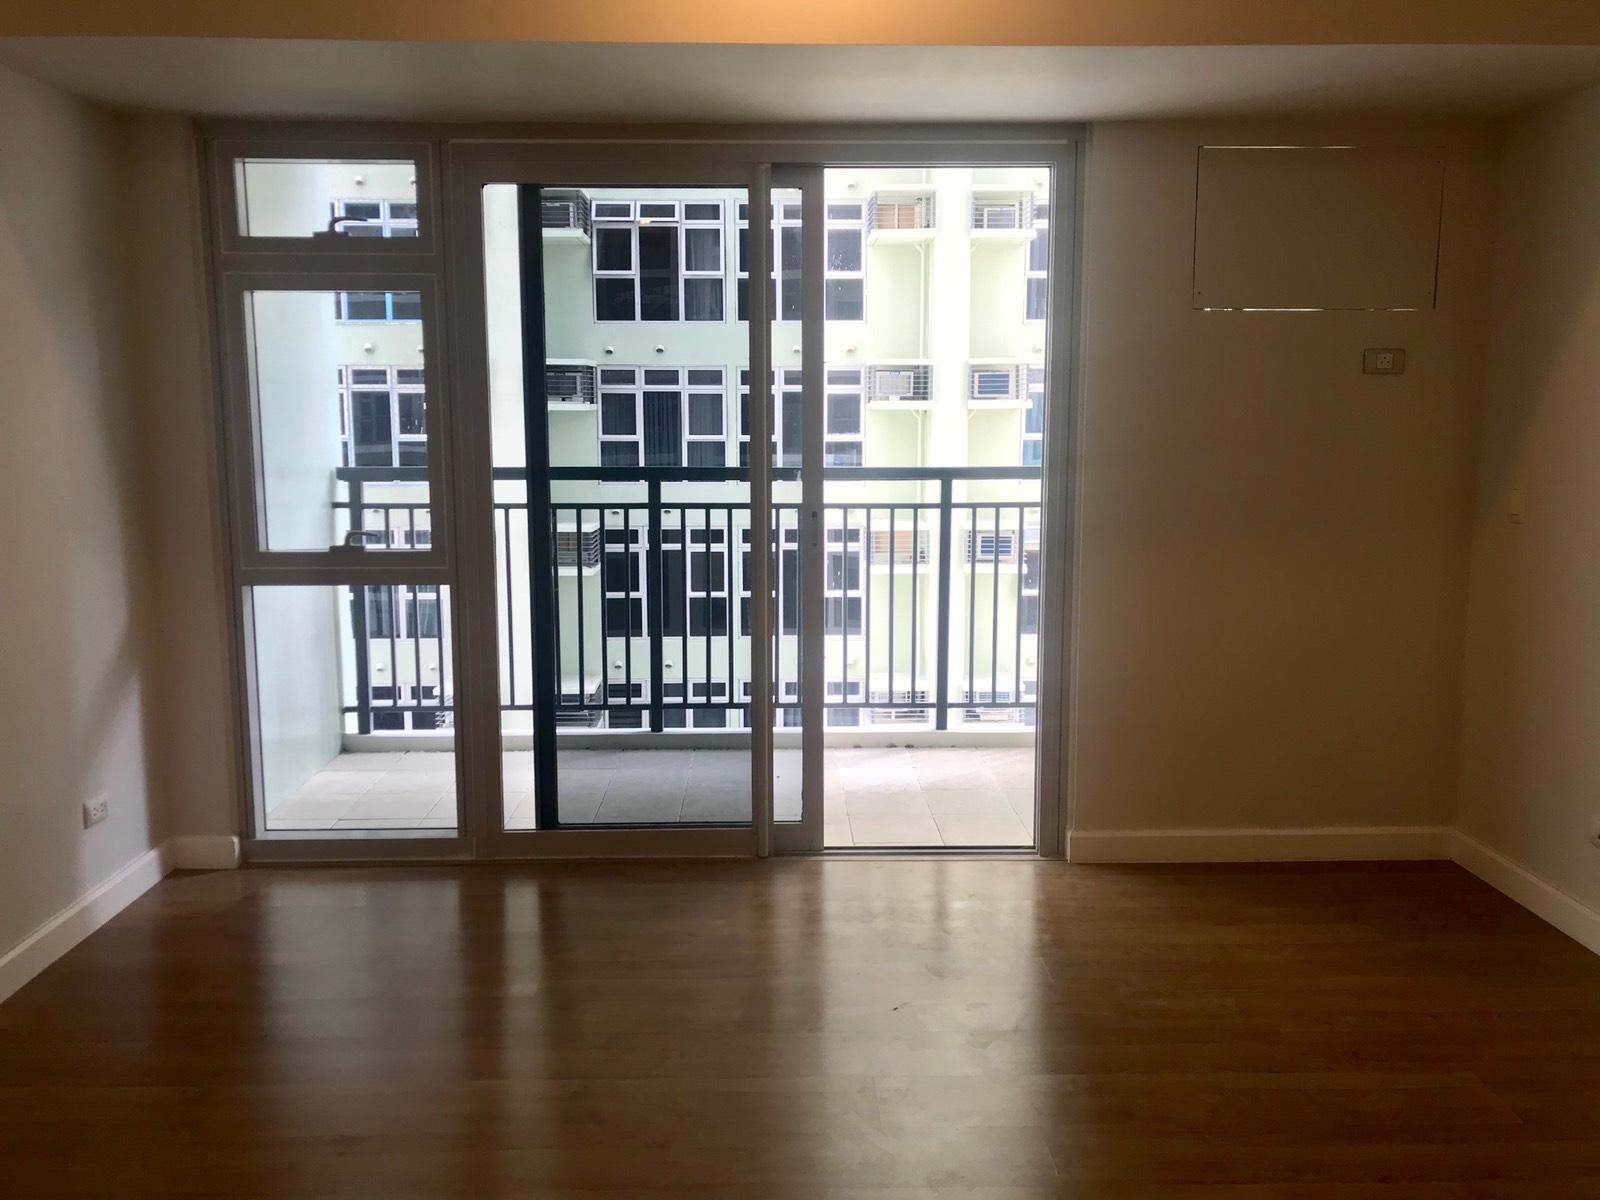 Studio Condo For Sale, Verve Residences Tower 1, BGC, Taguig City 5